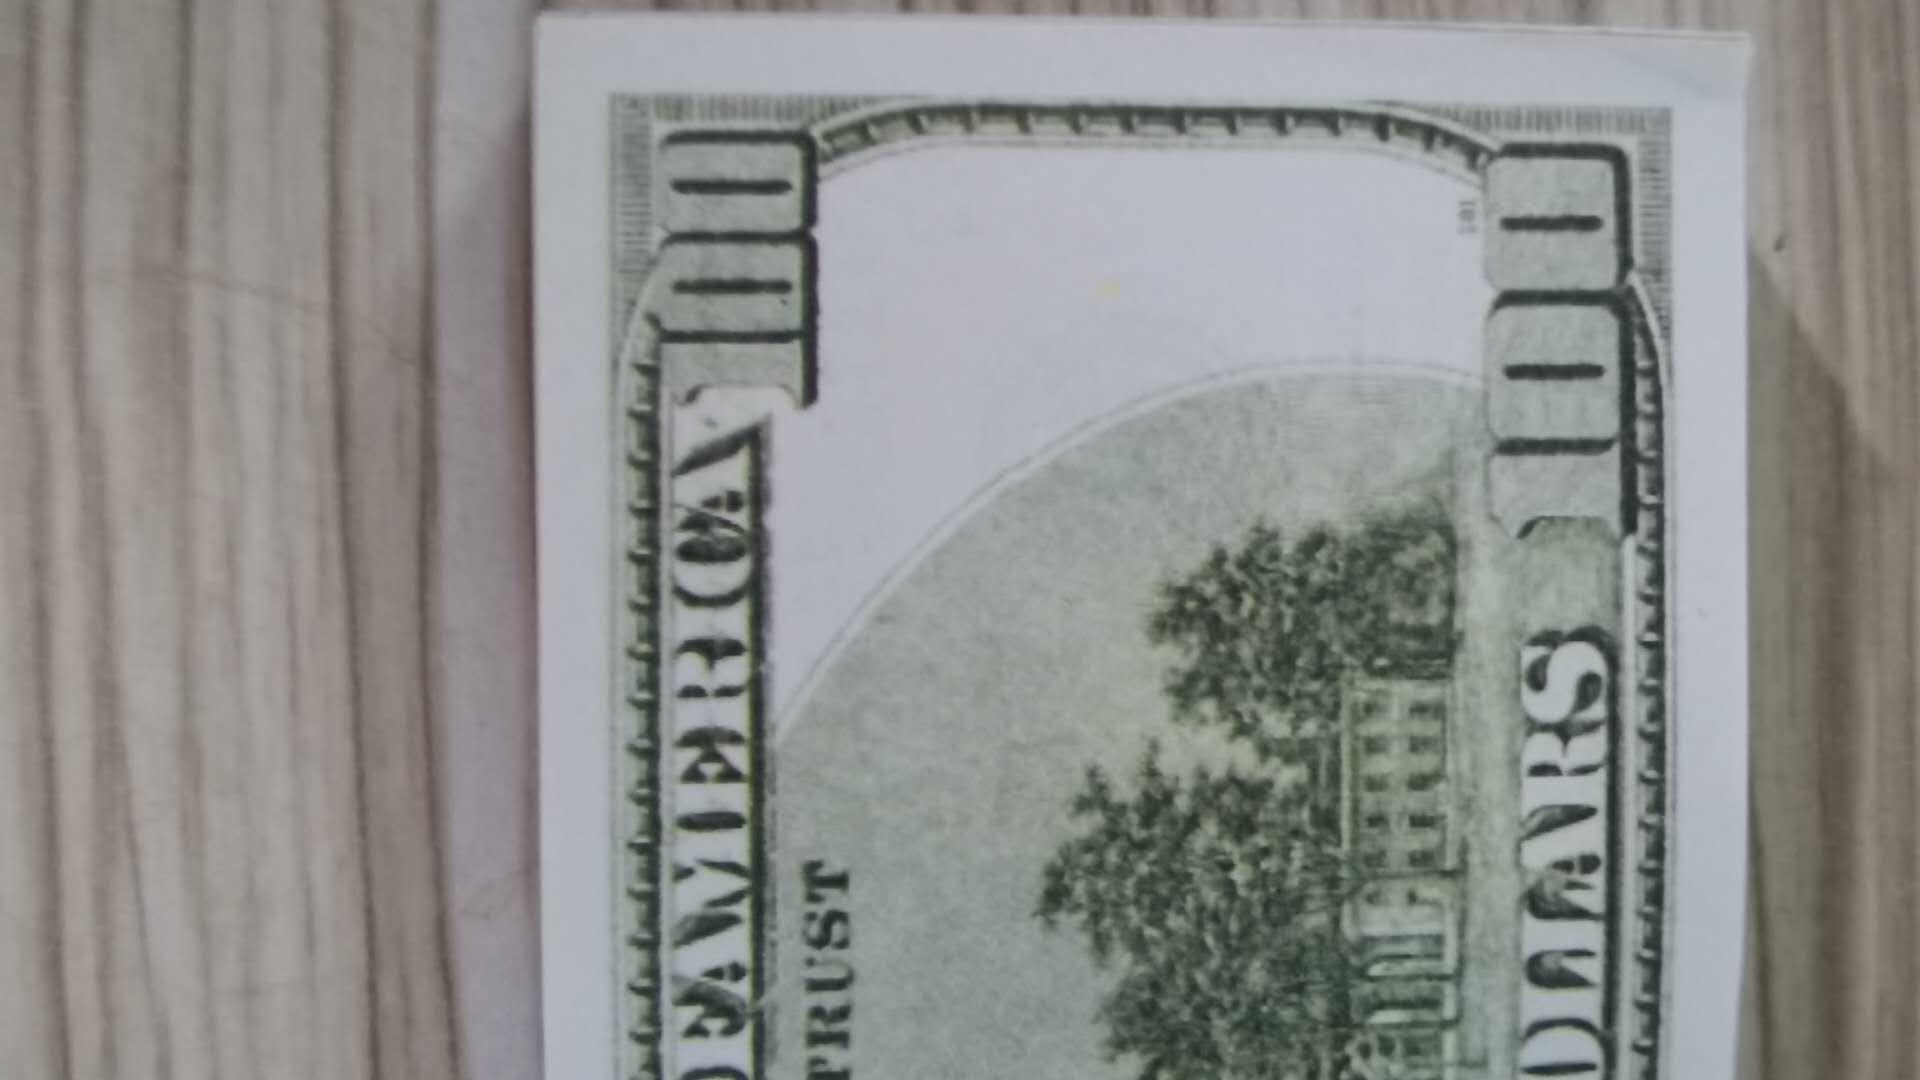 100 Доллора Опрусных денег Бар Од Деньги Faux Georet Деньги Партия Детская Игрушки Игрушки для взрослых 100 шт. Пакет 02